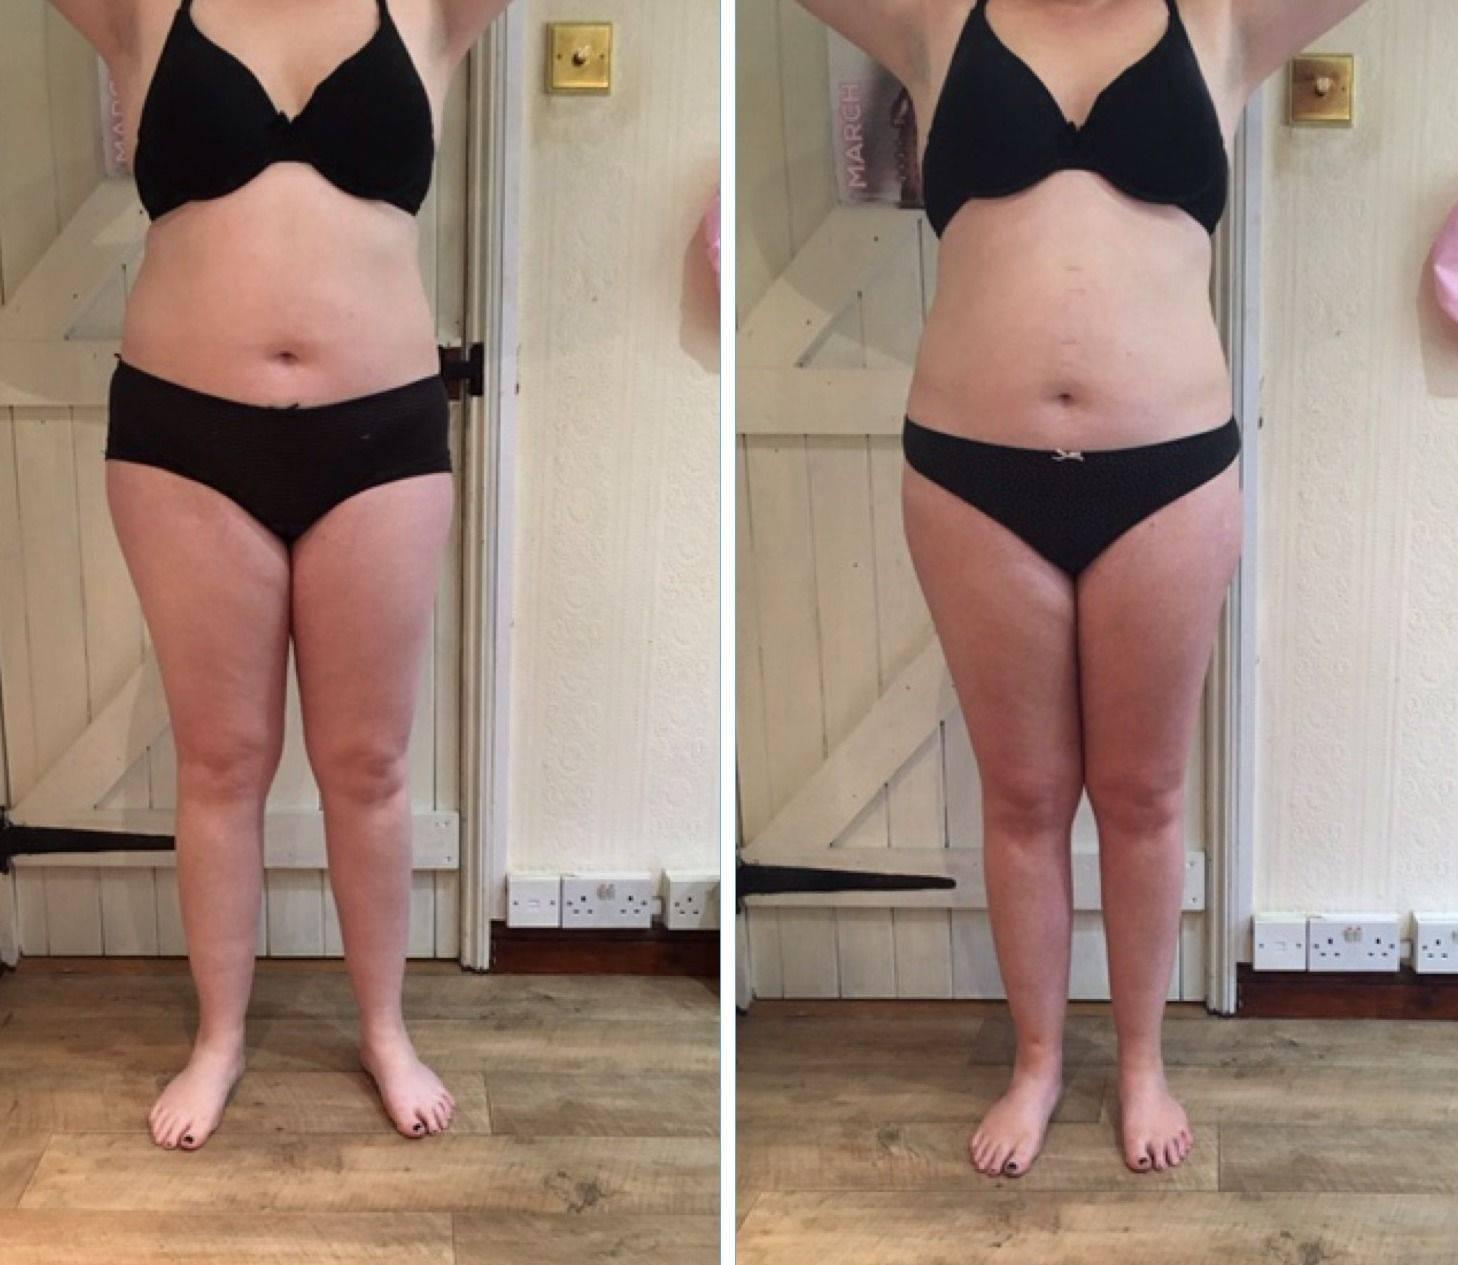 Рецепт похудения – кавитация: что это за процедура, противопоказания, плюсы и минусы